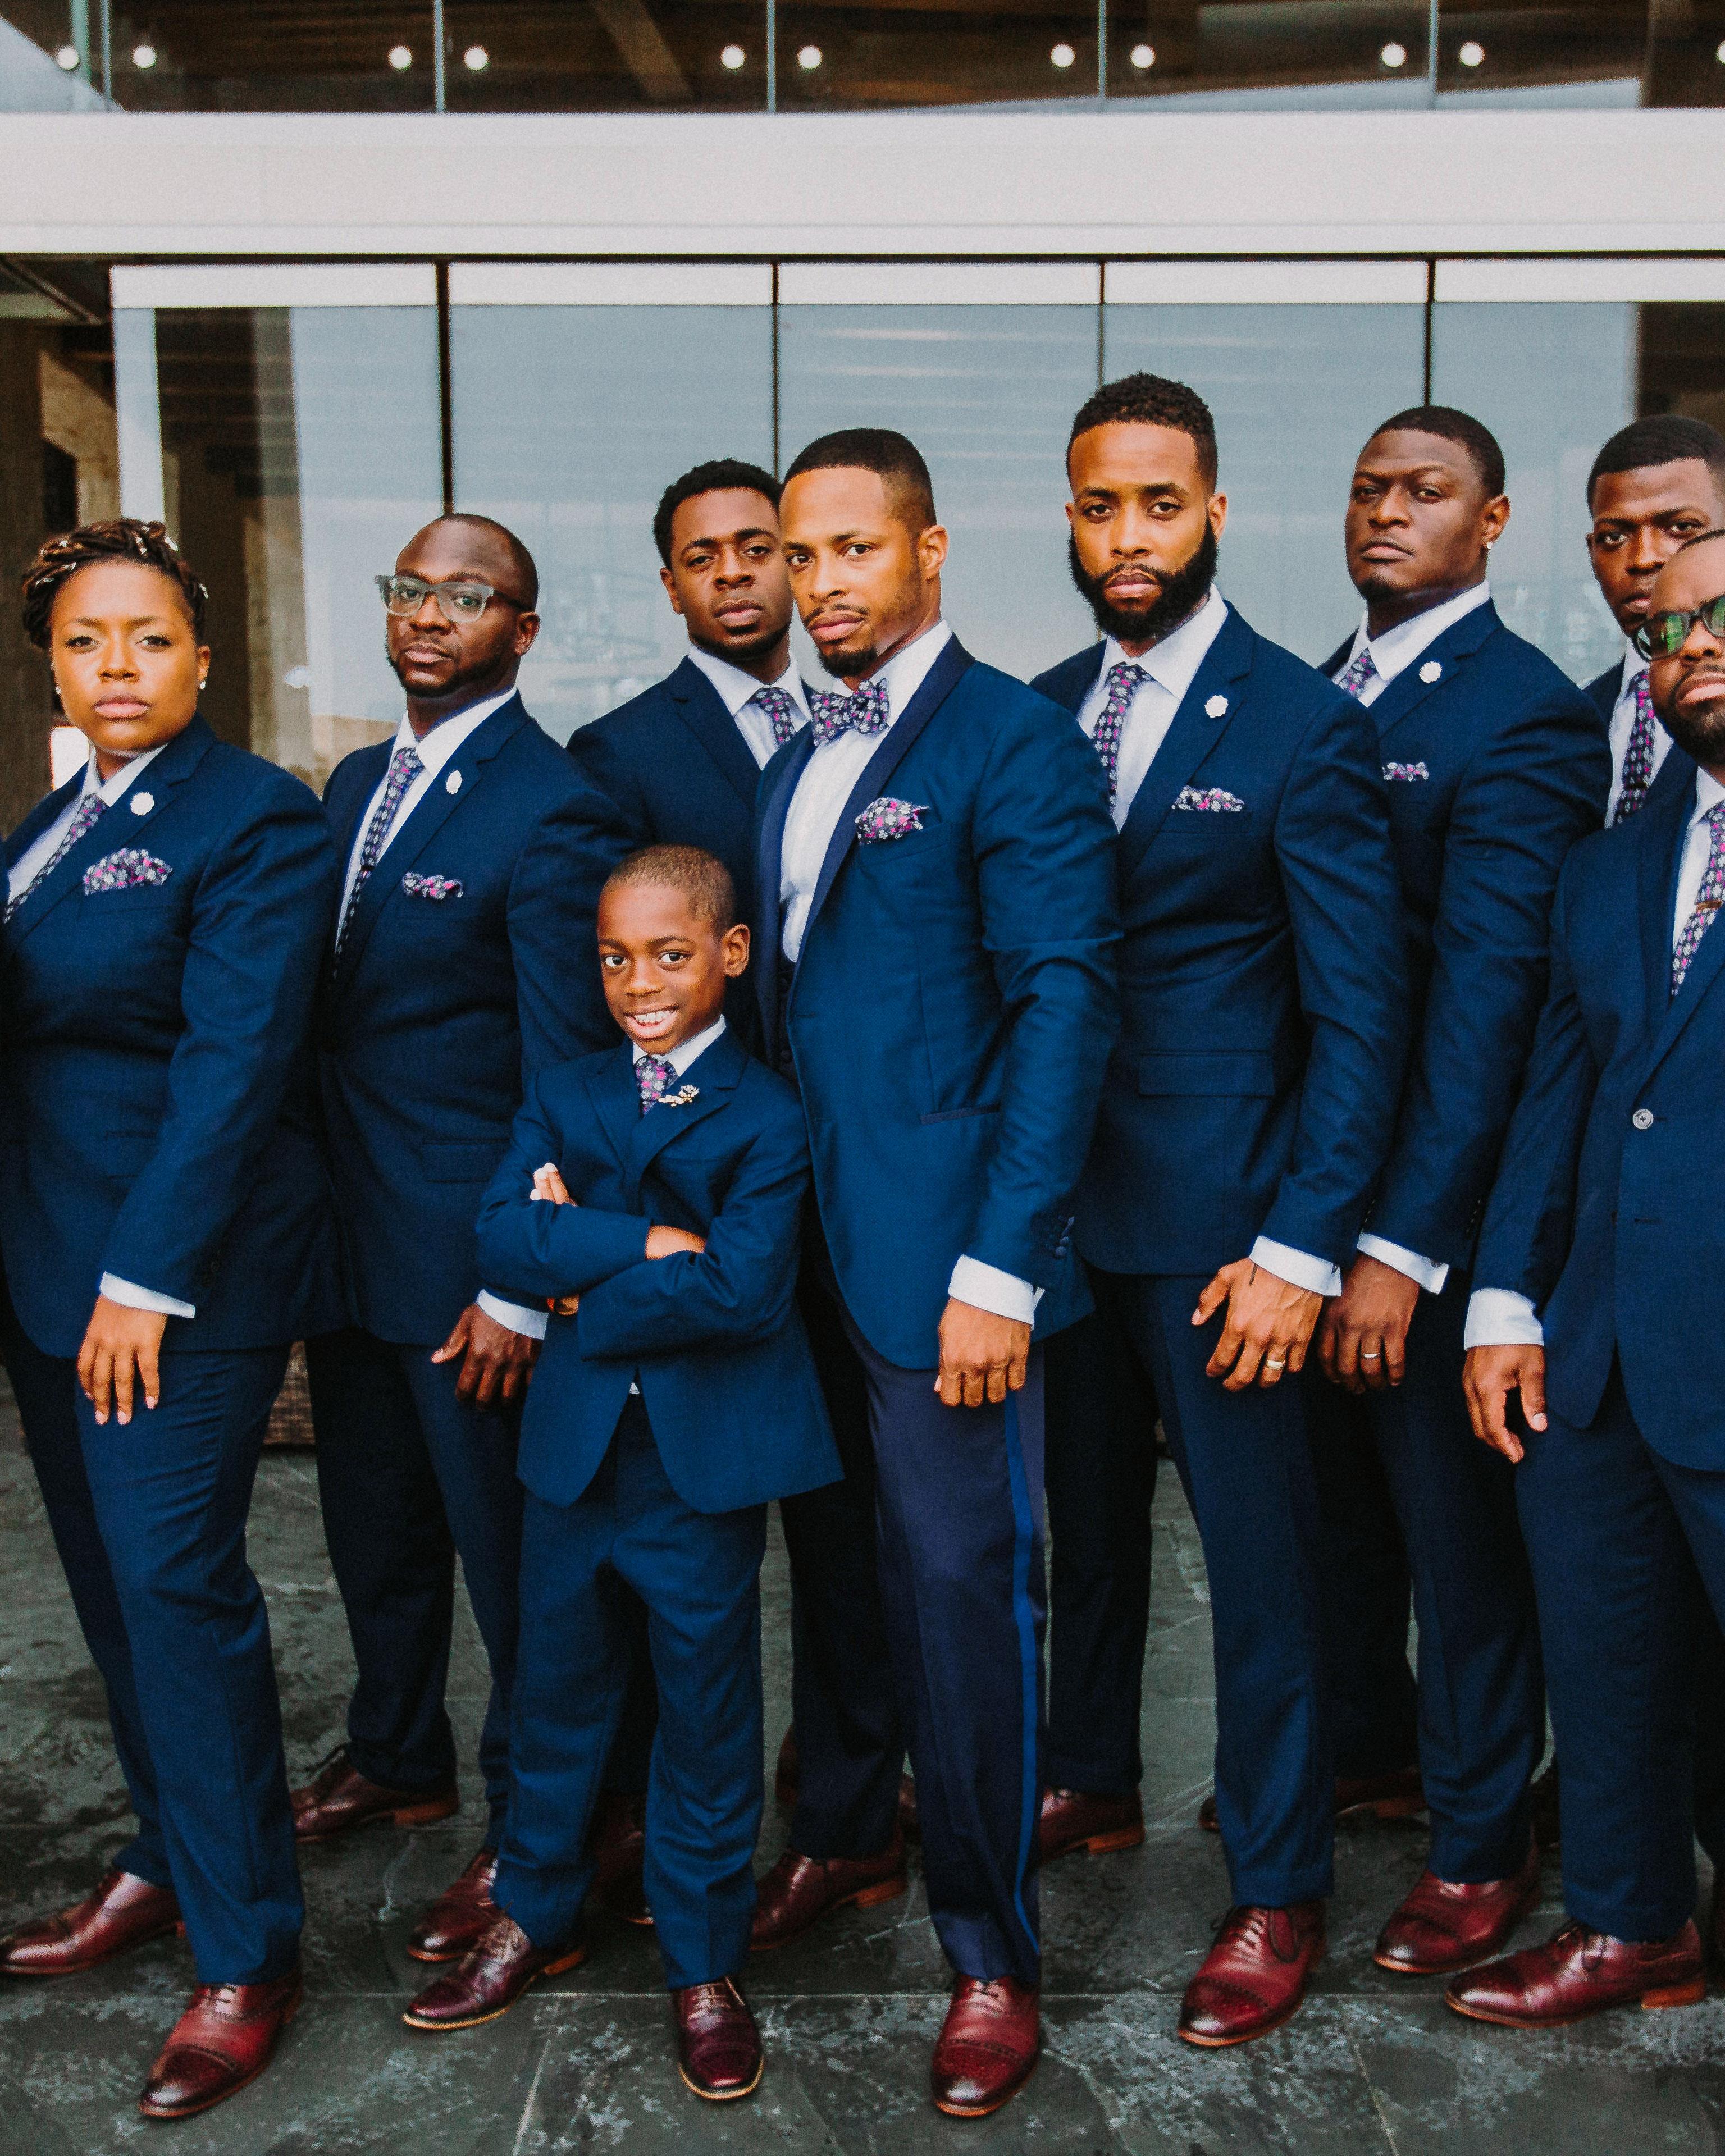 groom groomsmen groomsmaid navy blue suits